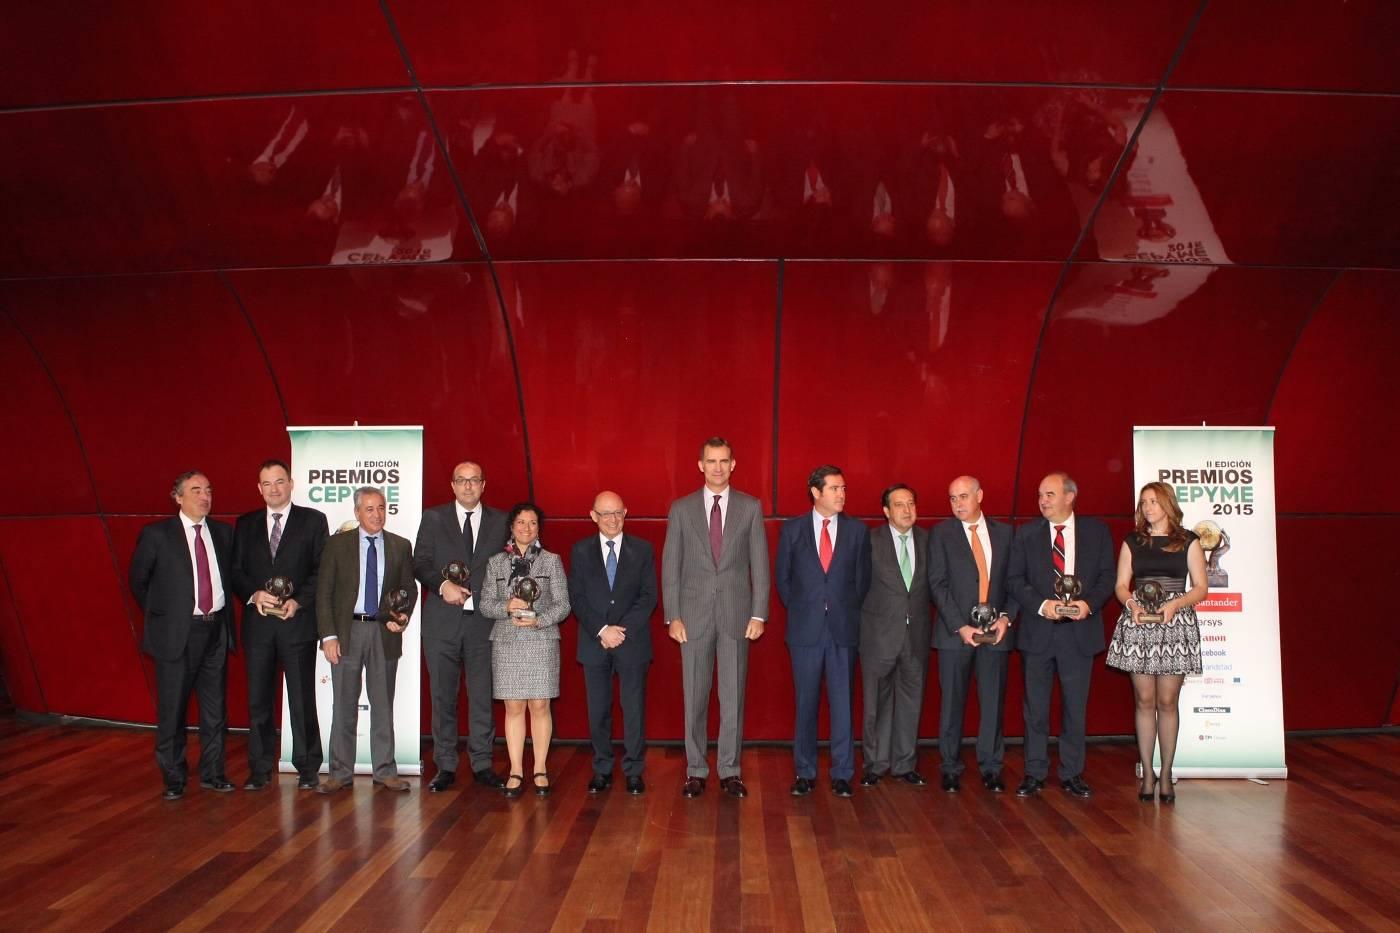 Don felipe rey con autoridades y galardonados premios cepyme 2015 - Tecnove Security premiada por su compromiso con la inclusión laboral